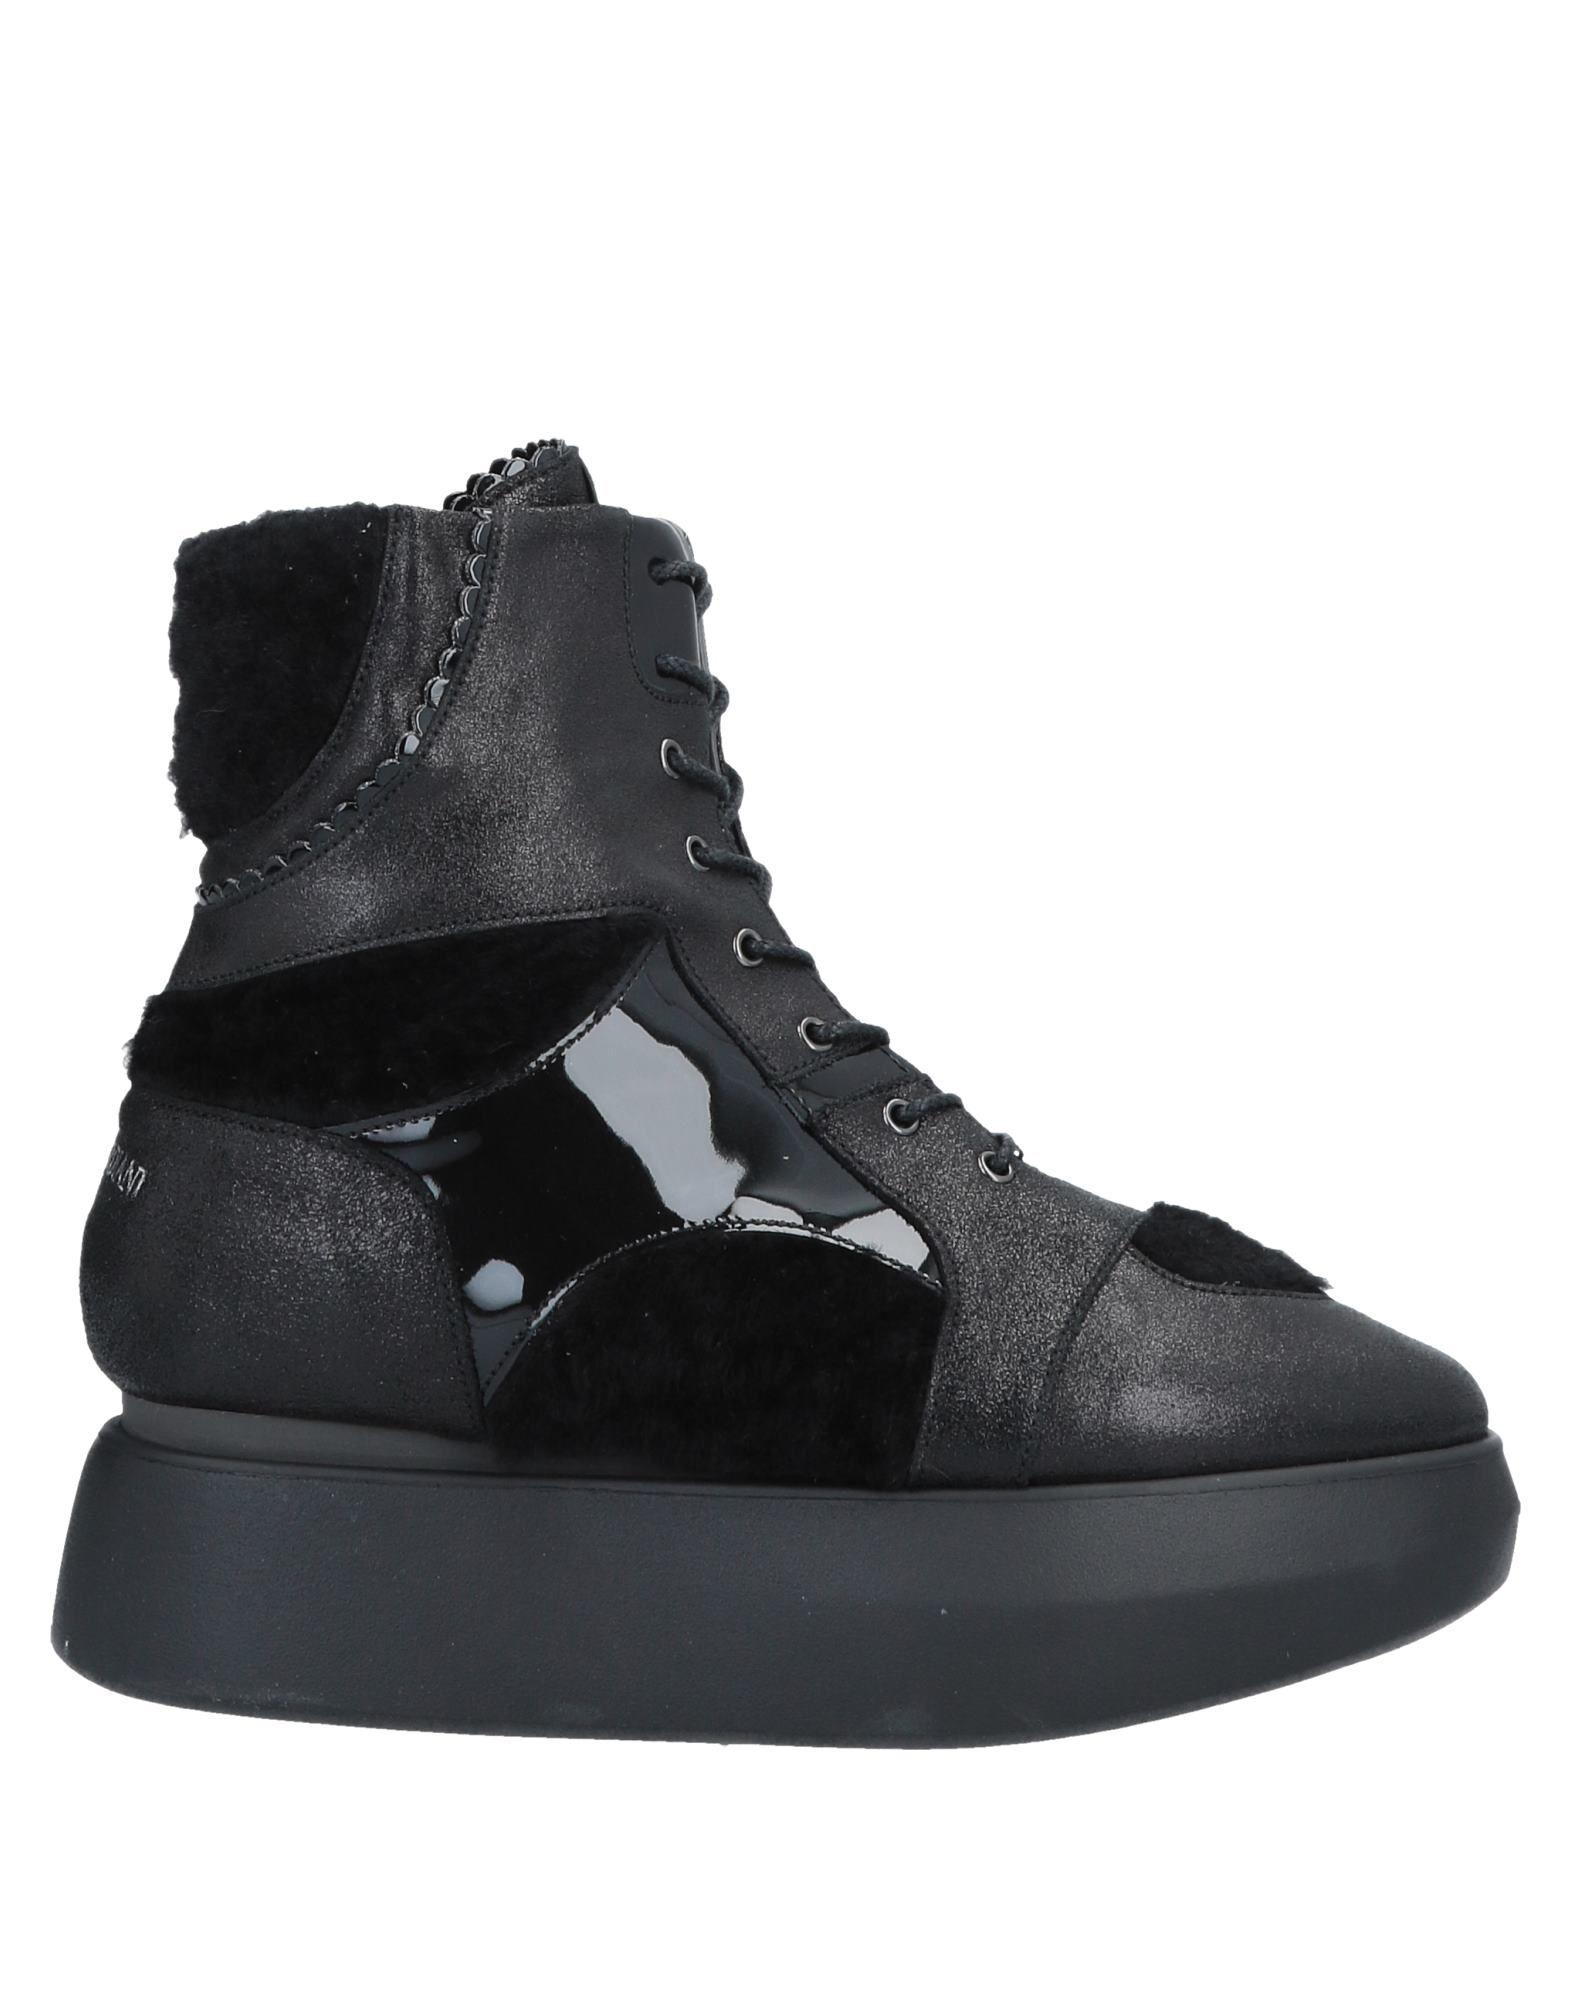 《送料無料》ALBERTO GUARDIANI レディース ショートブーツ ブラック 37 革 / 紡績繊維 / 羊革(ラムスキン)